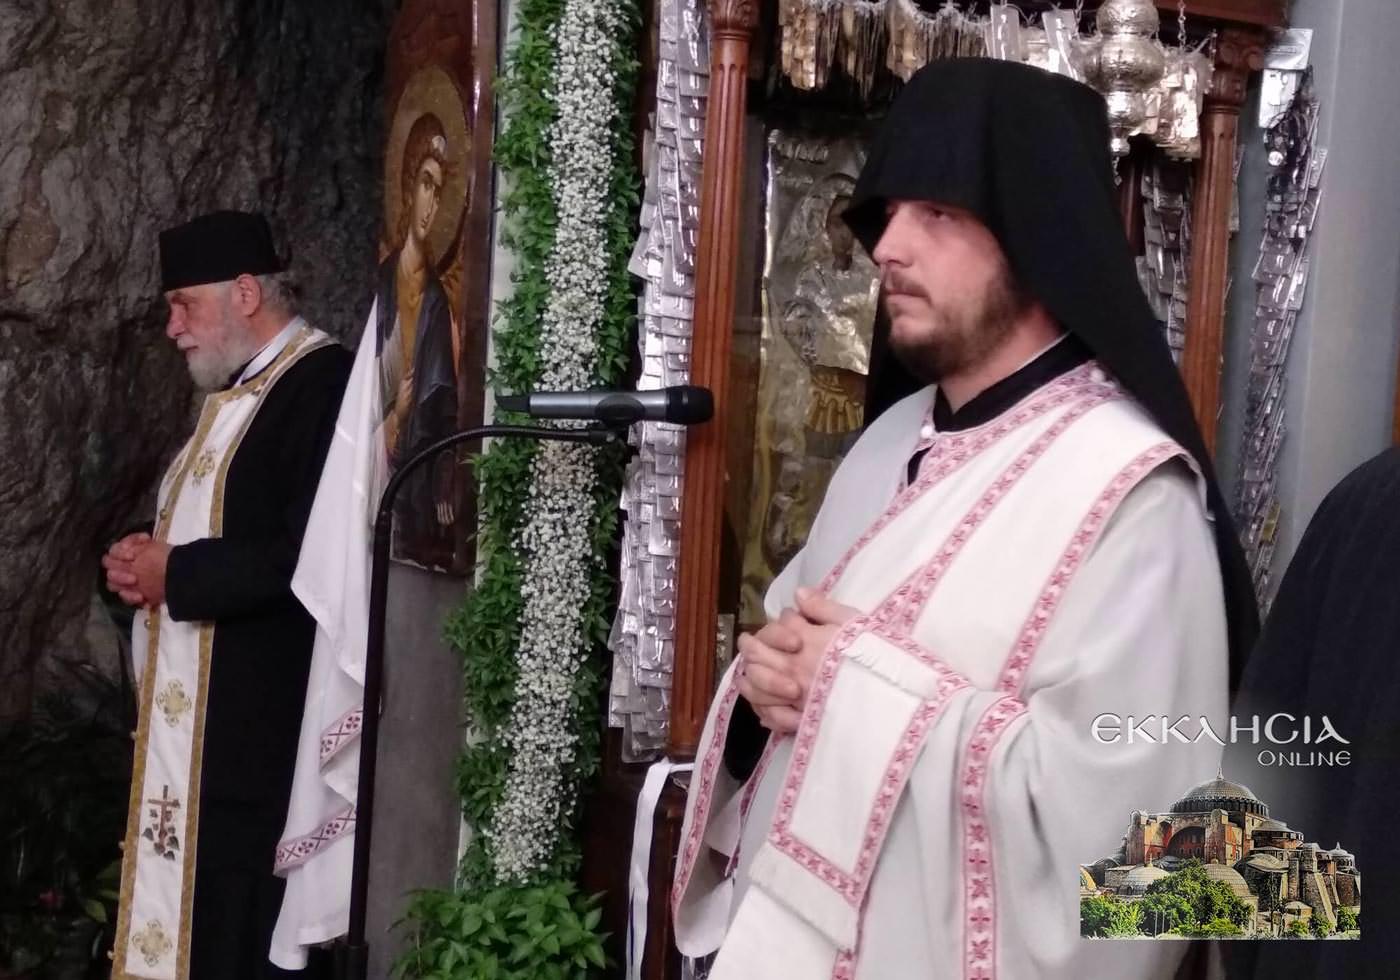 Ναός Αγίων Ισιδώρων Λυκαβηττού Υψώσεως Τιμίου Σταυρού